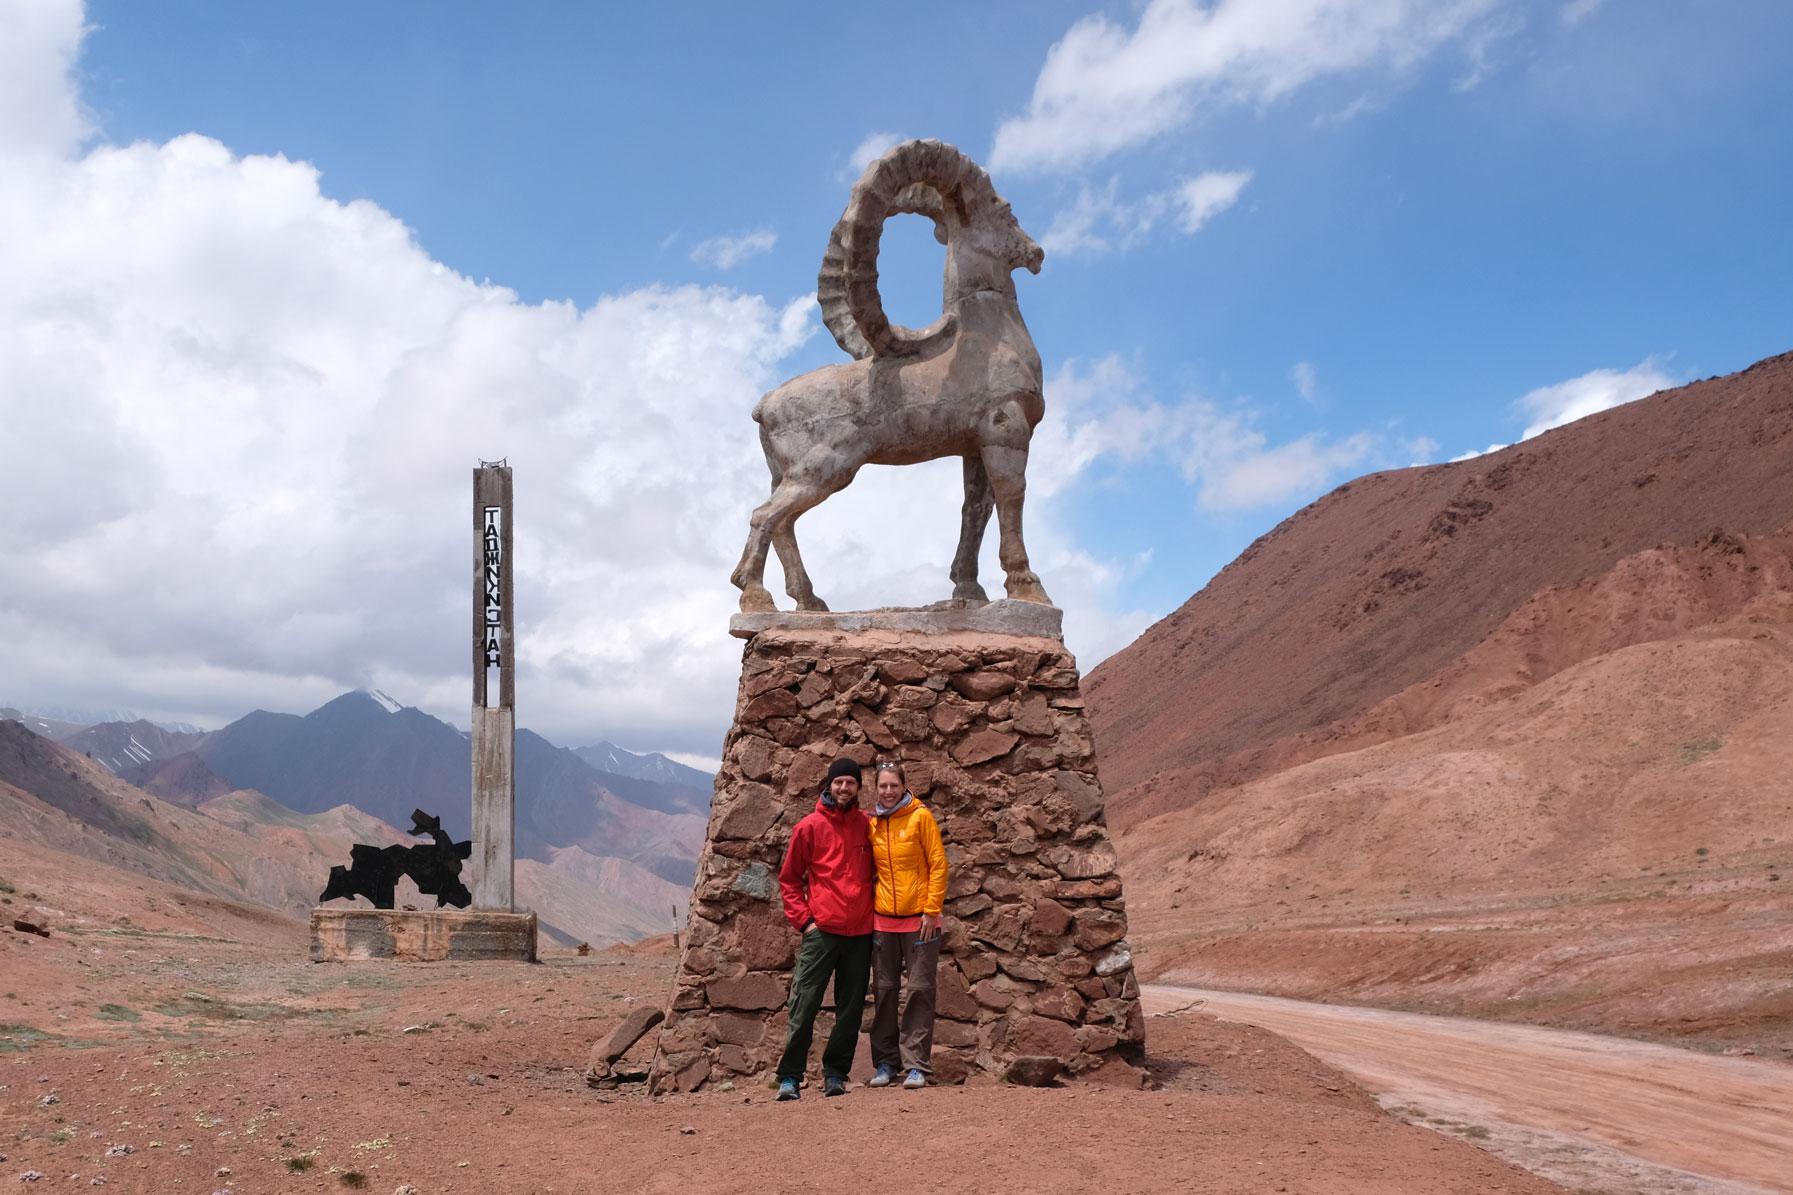 Sebastian und Leo vor einer Statue eines Steinbocks.